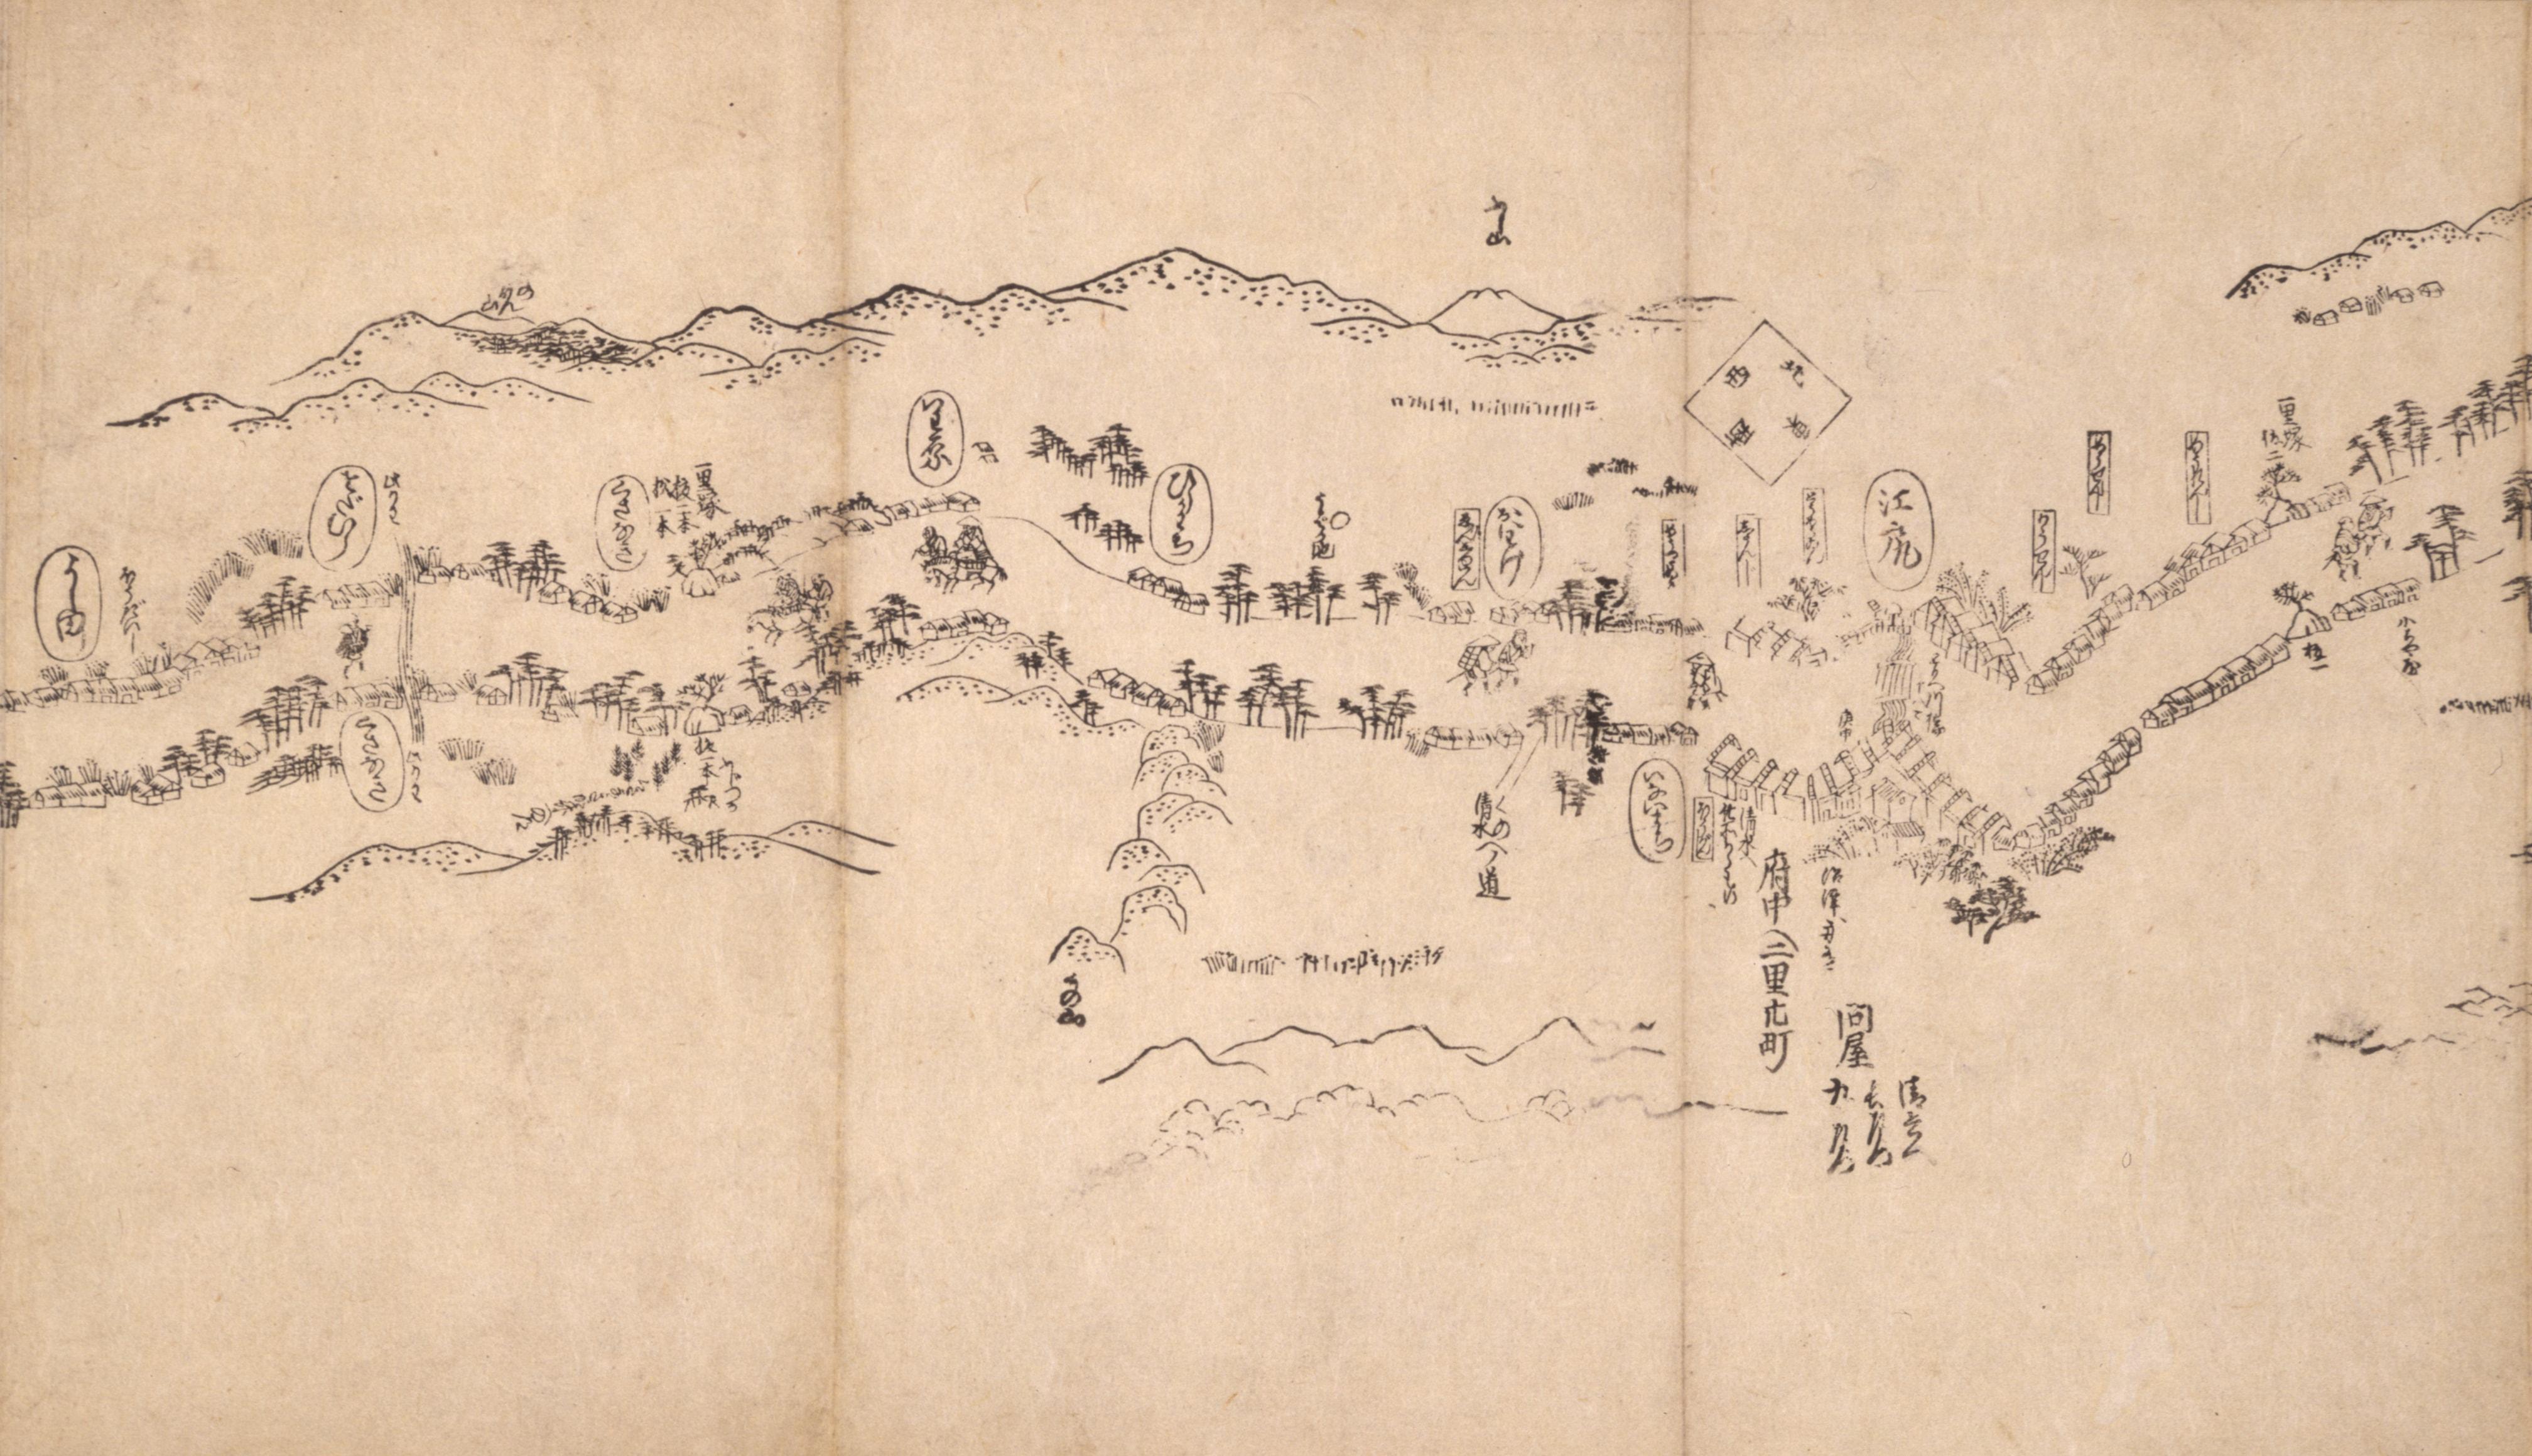 東海道分間之図 二十八